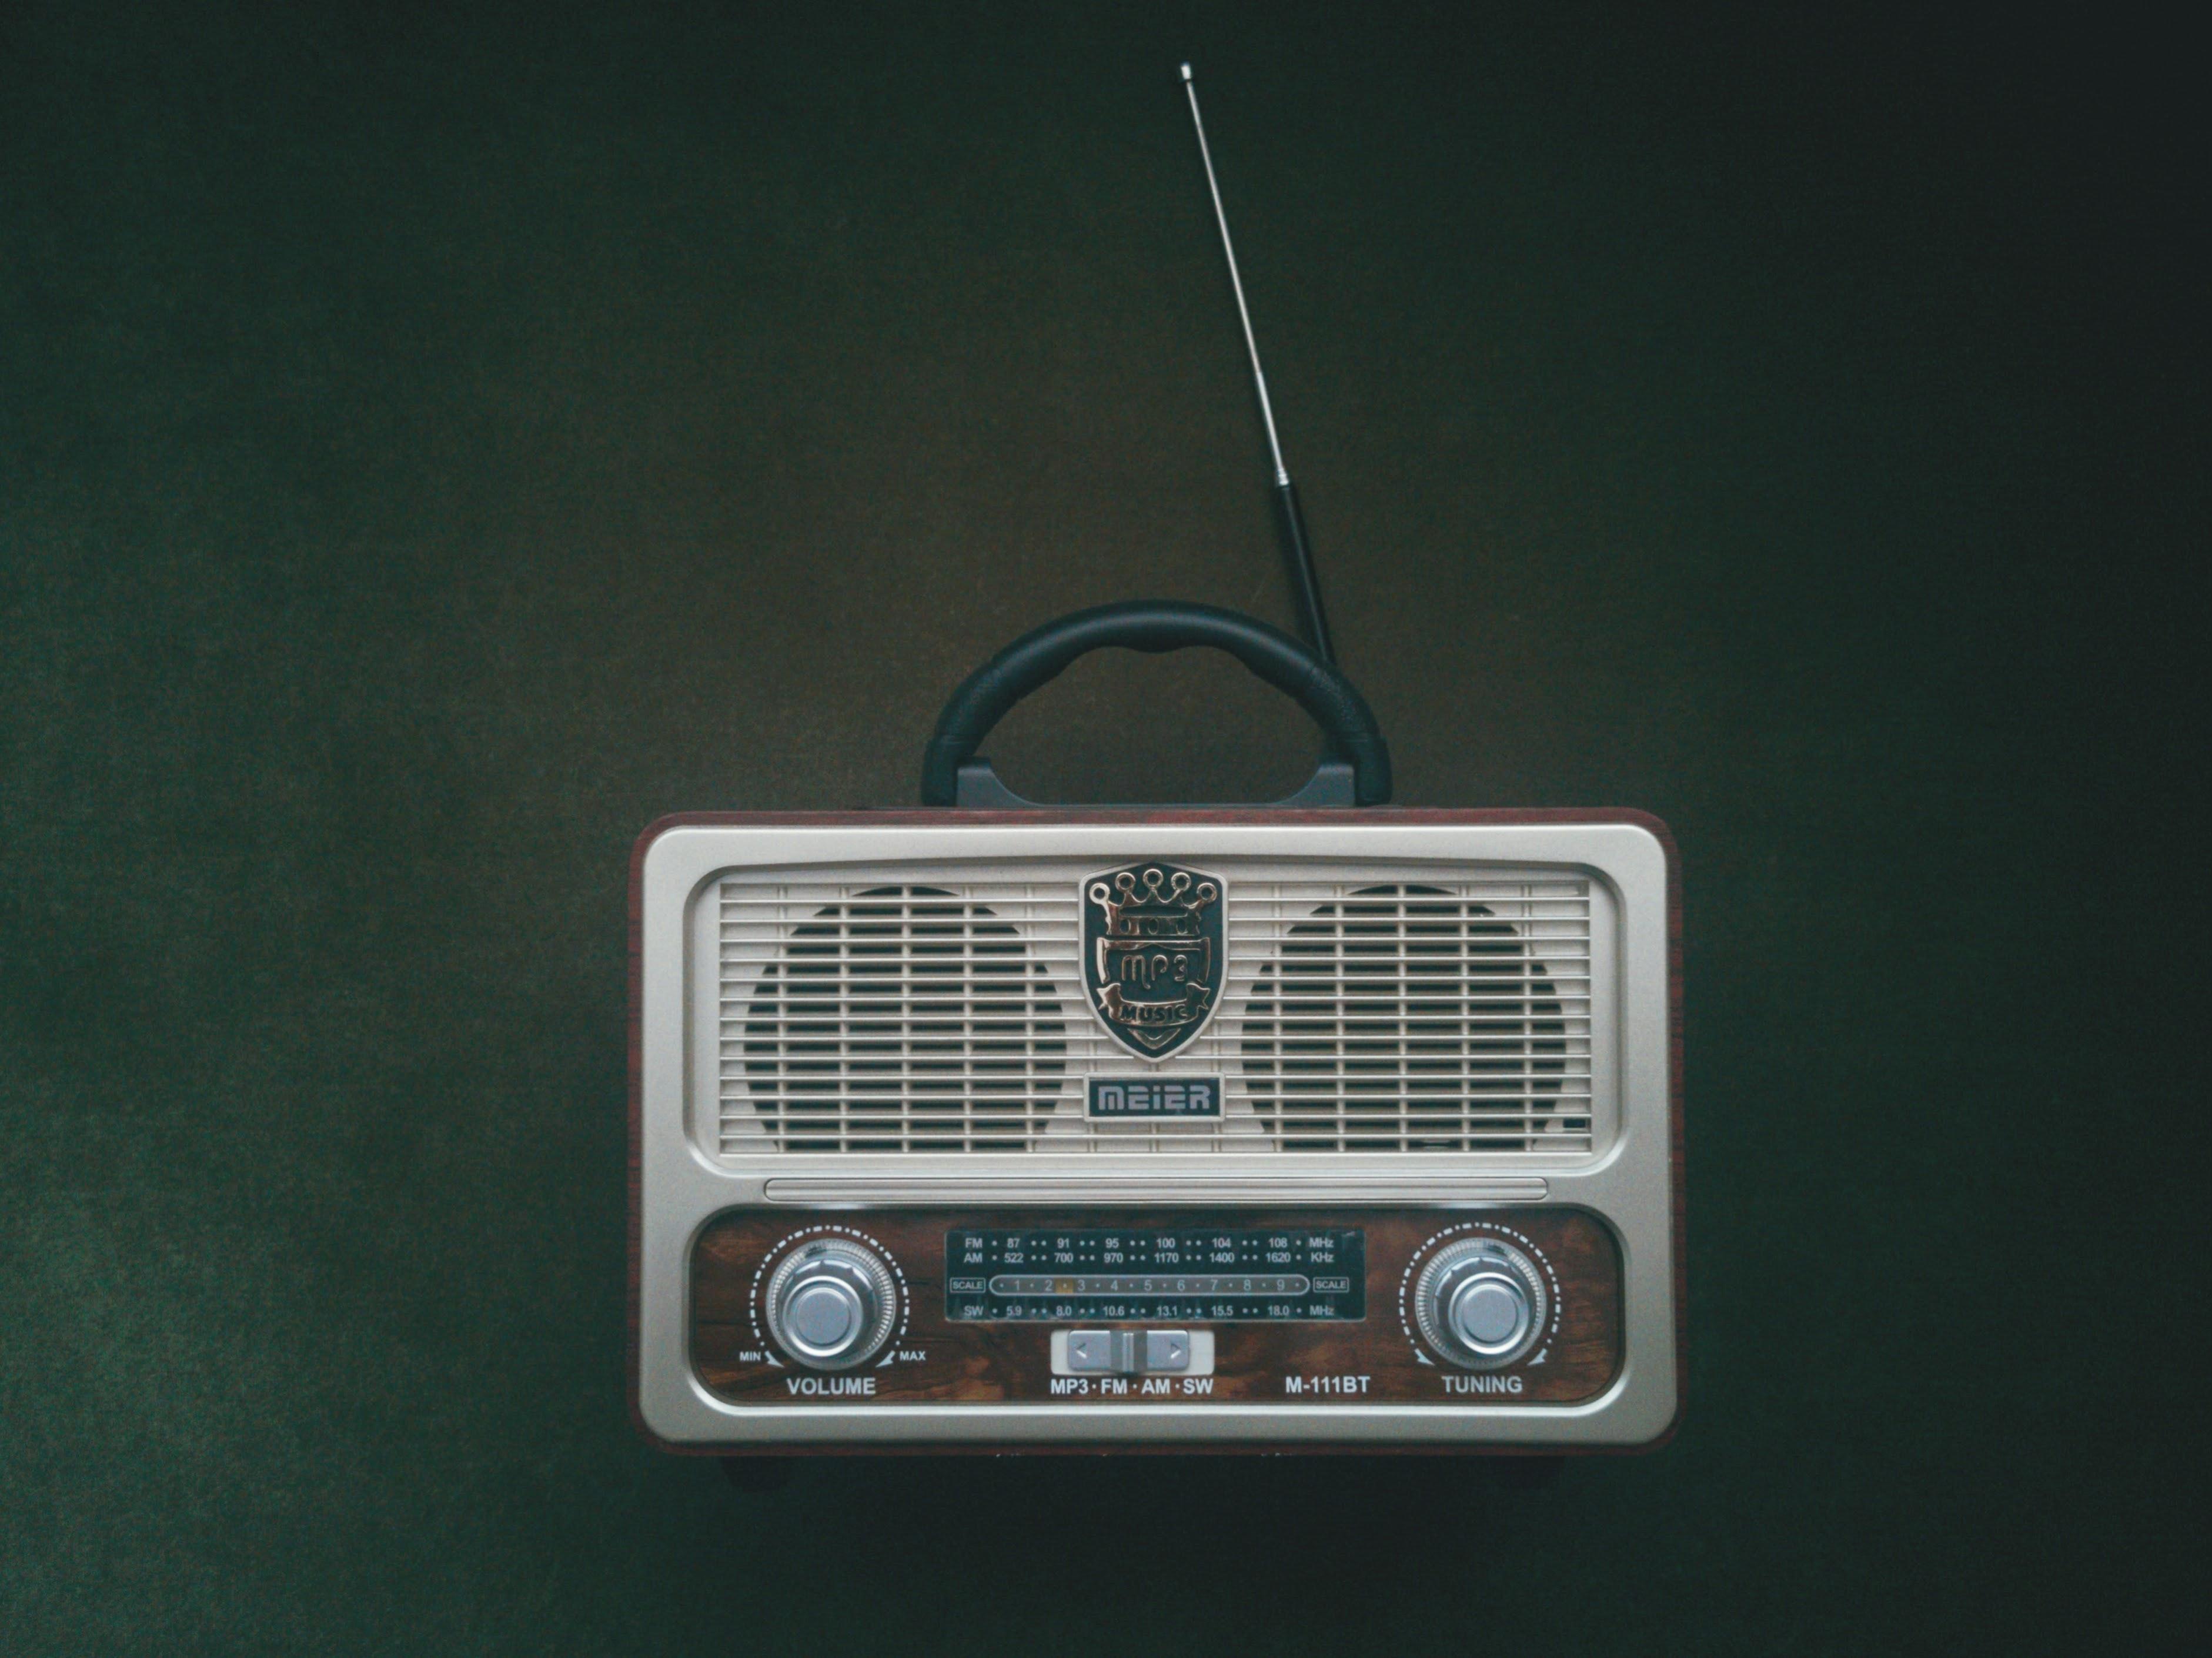 E58   你腦海中那台收音機,重複唱著難聽的歌,你該怎麼辦?